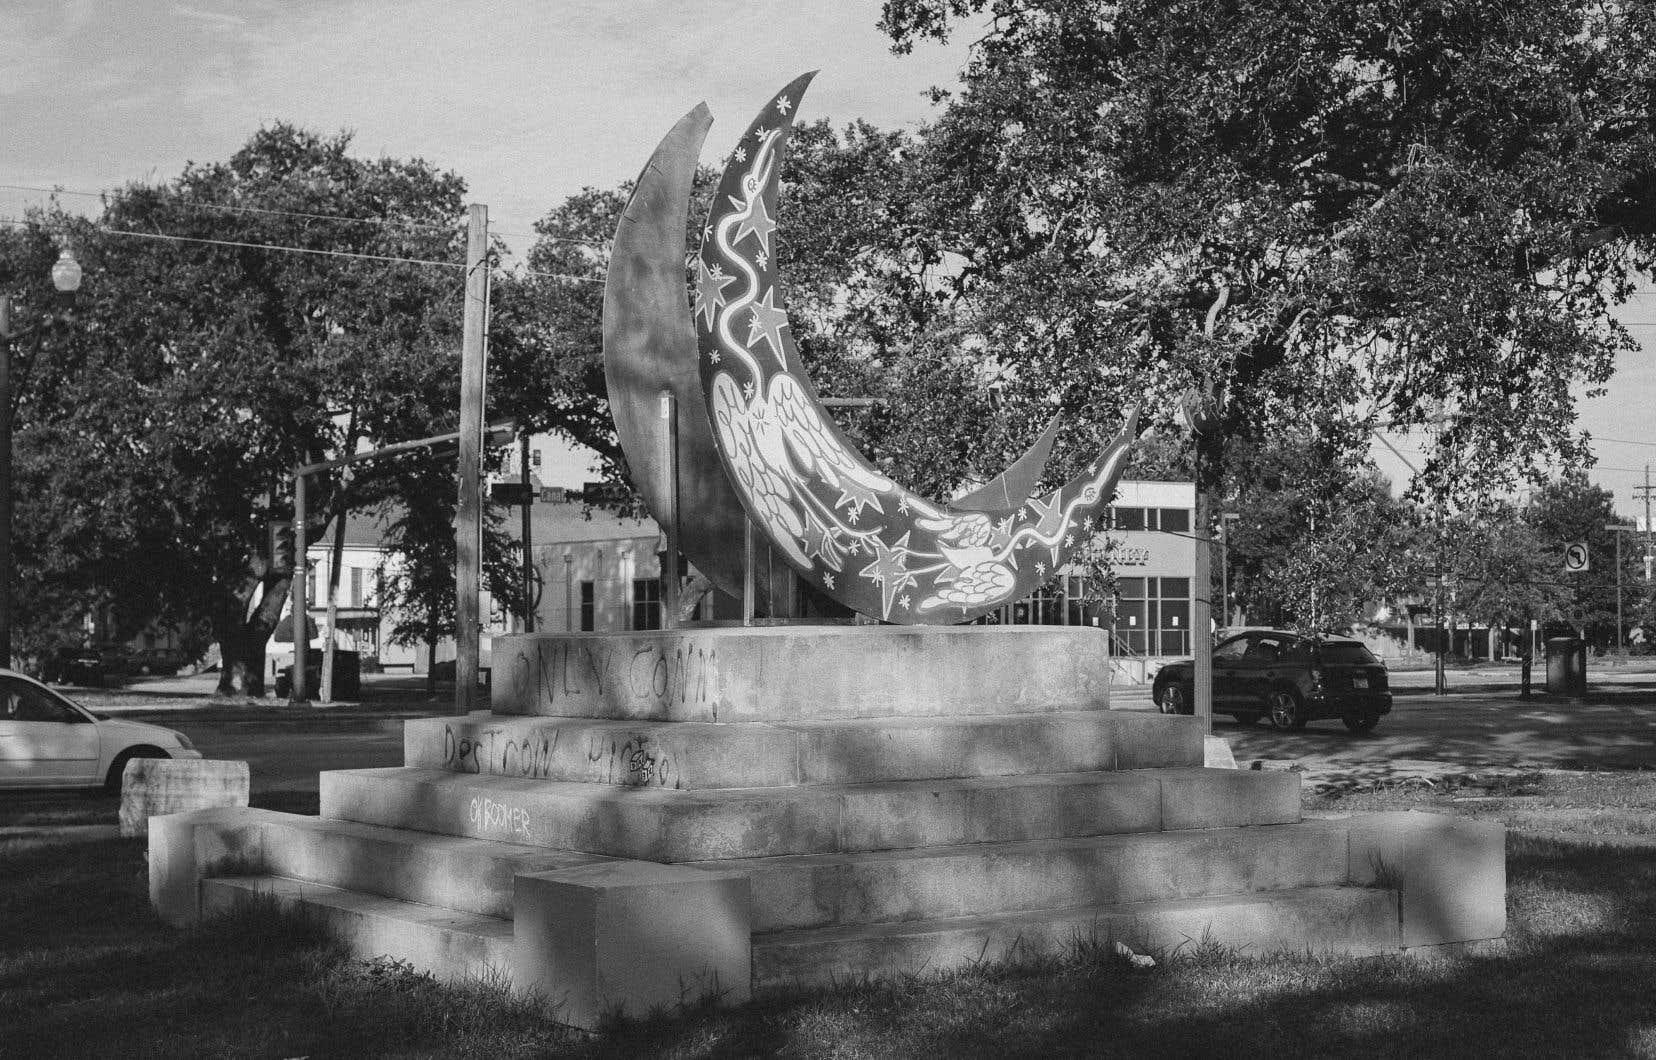 Le socle du monument dédié à la mémoire de Jefferson Davis, à La Nouvelle-Orléans. La statue a été retirée en mai 2017, à la demande du maire de l'époque Mitch Landrieu, au même moment que plusieurs autres statues controversées de la ville. D'autres sculptures y sont depuis apparues, comme ce croissant de lune.